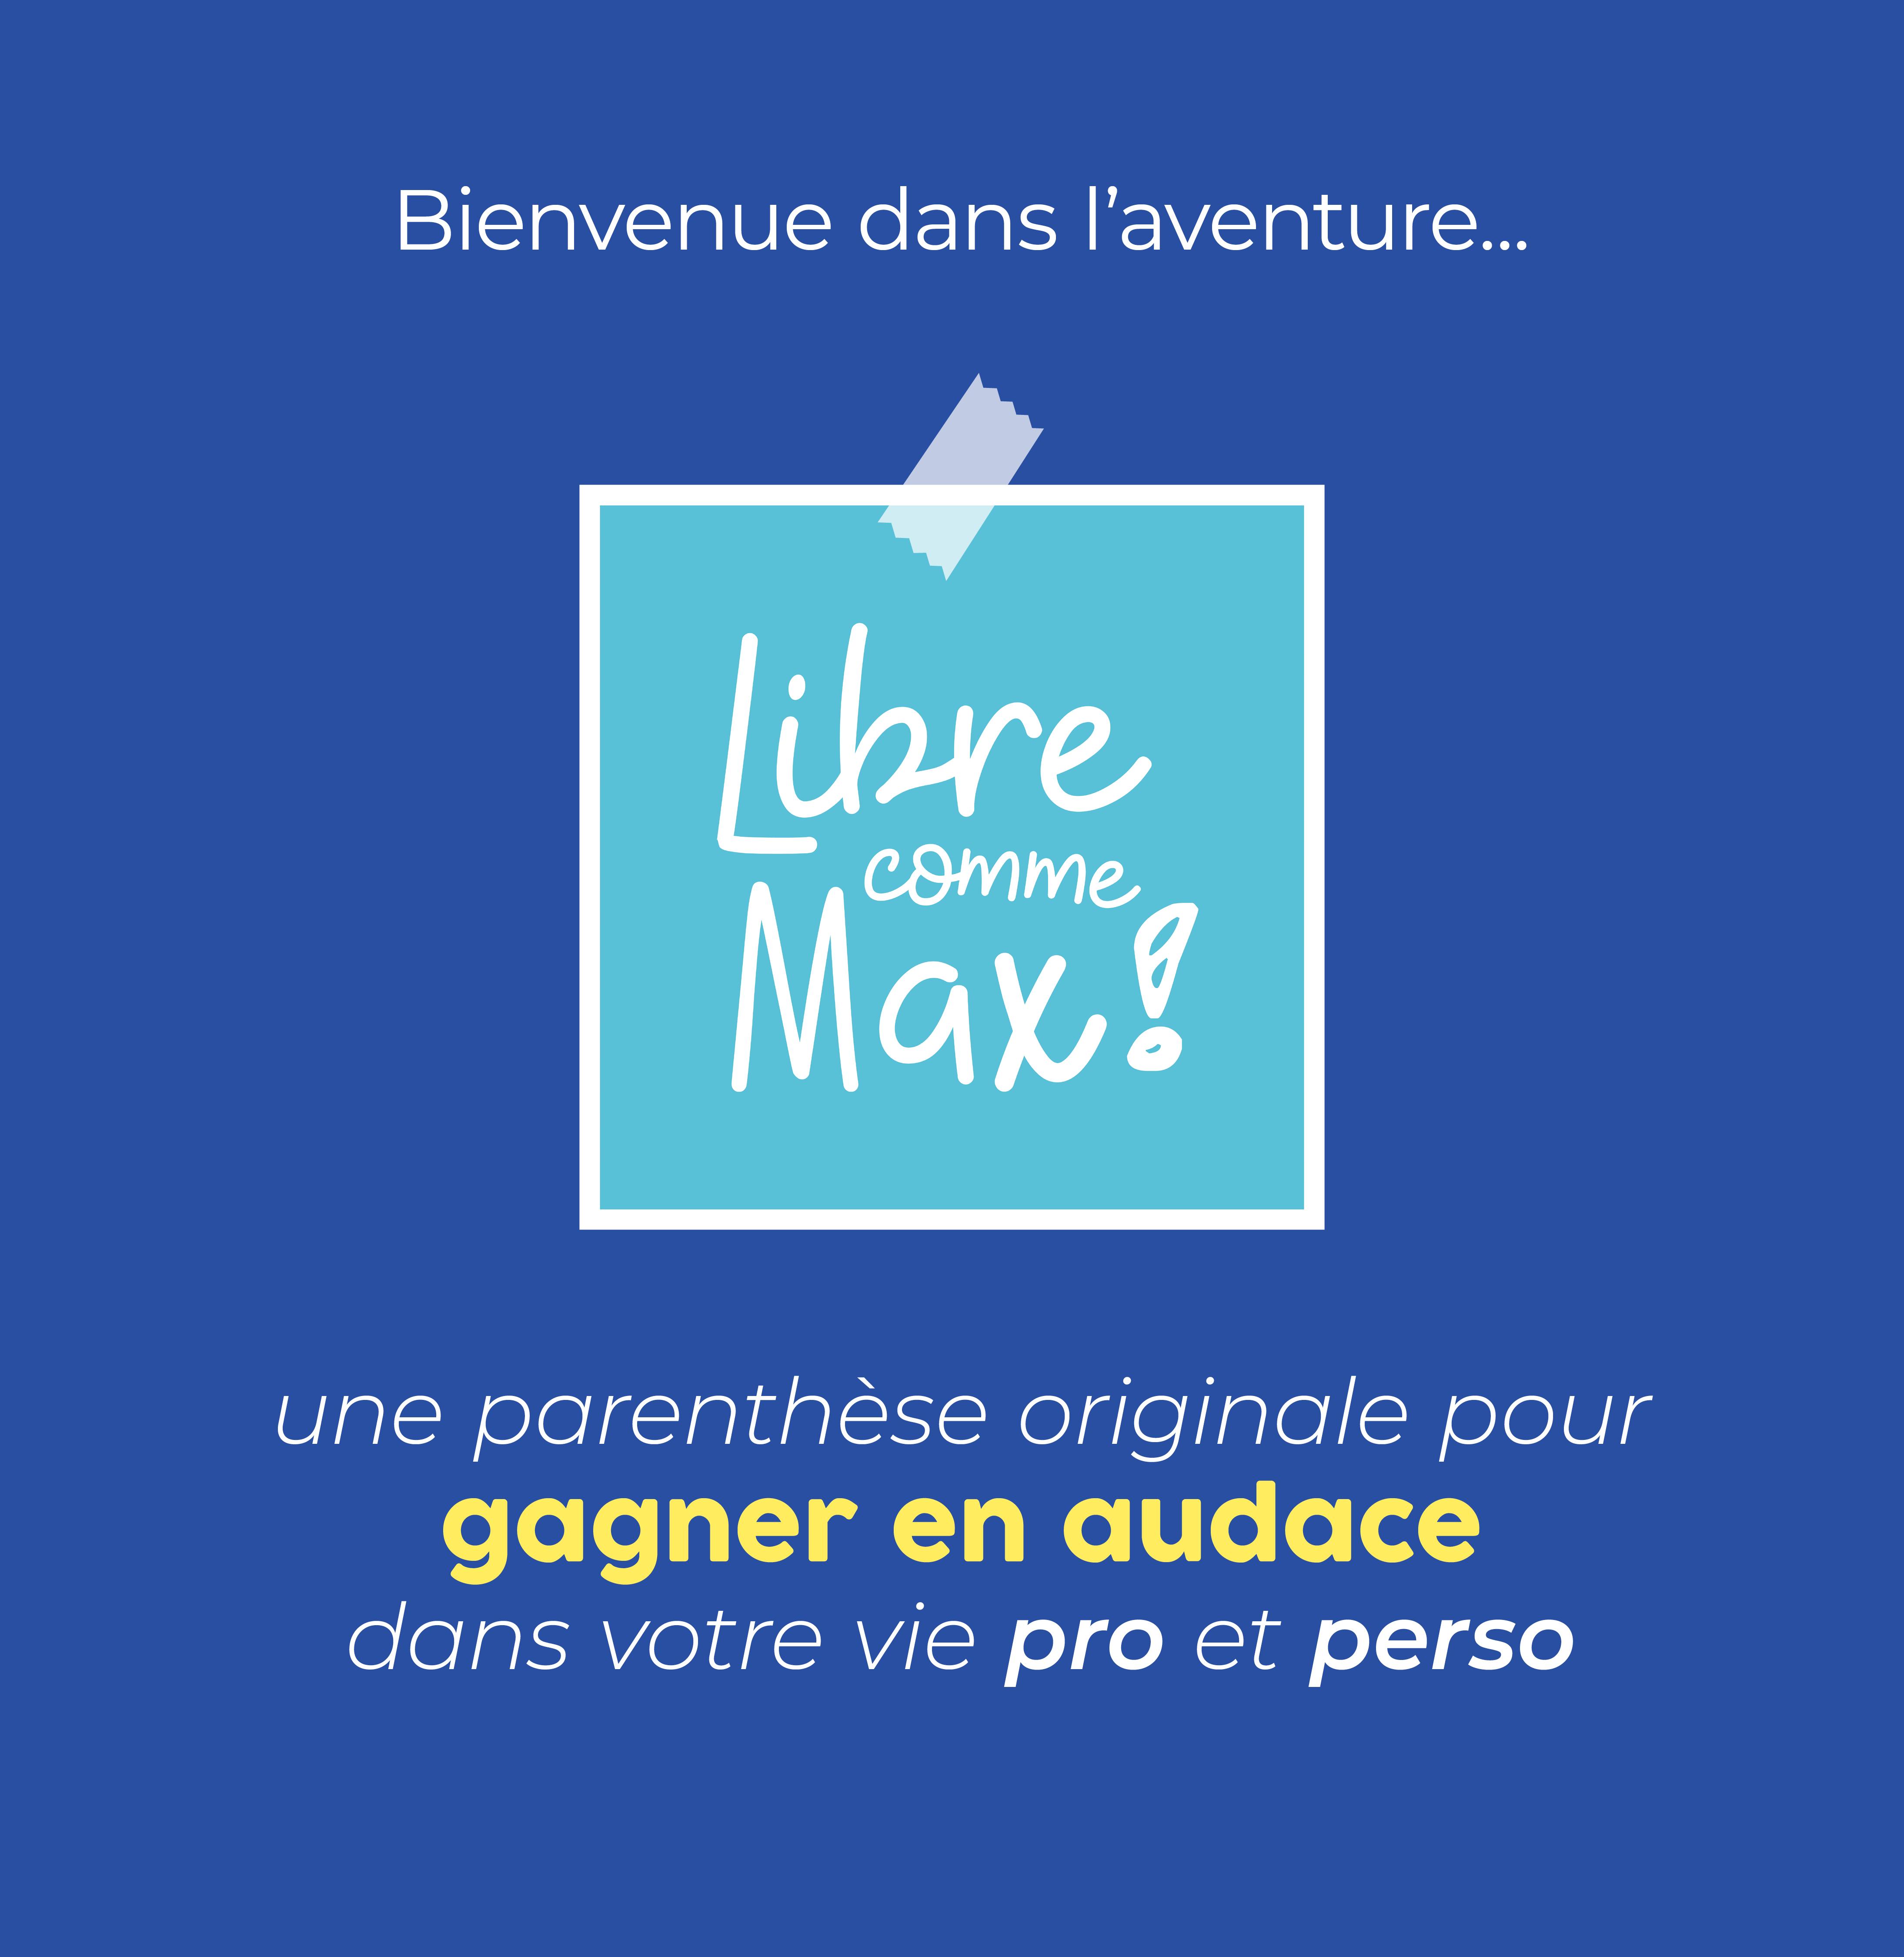 accueil-mobile-libre-comme-max-audace